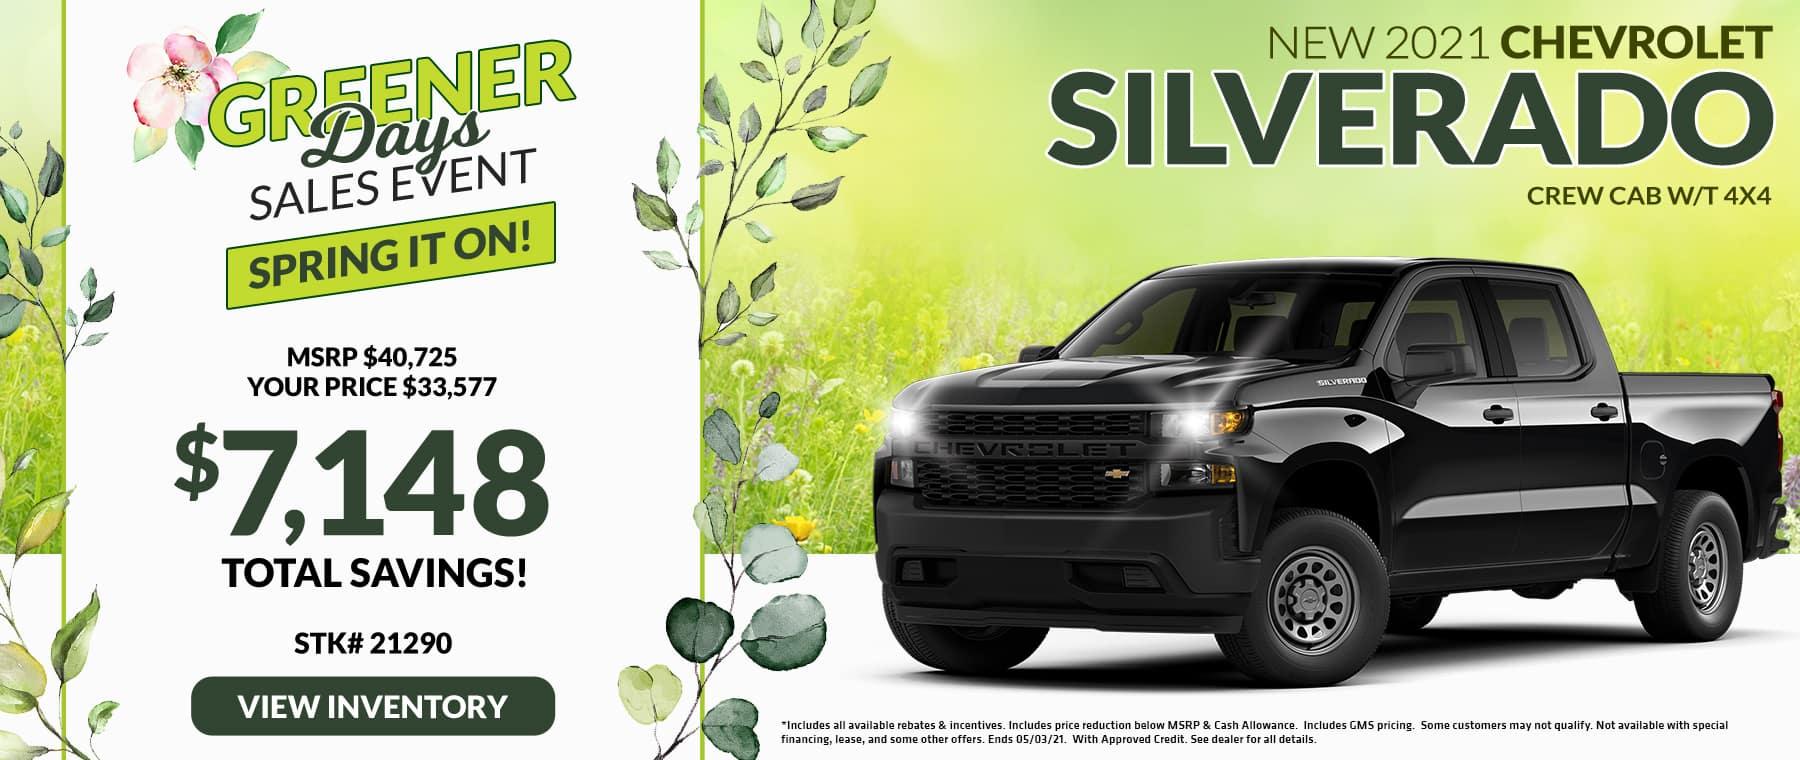 New 2021 Chevrolet Silverado Crew Cab W/T 4X4